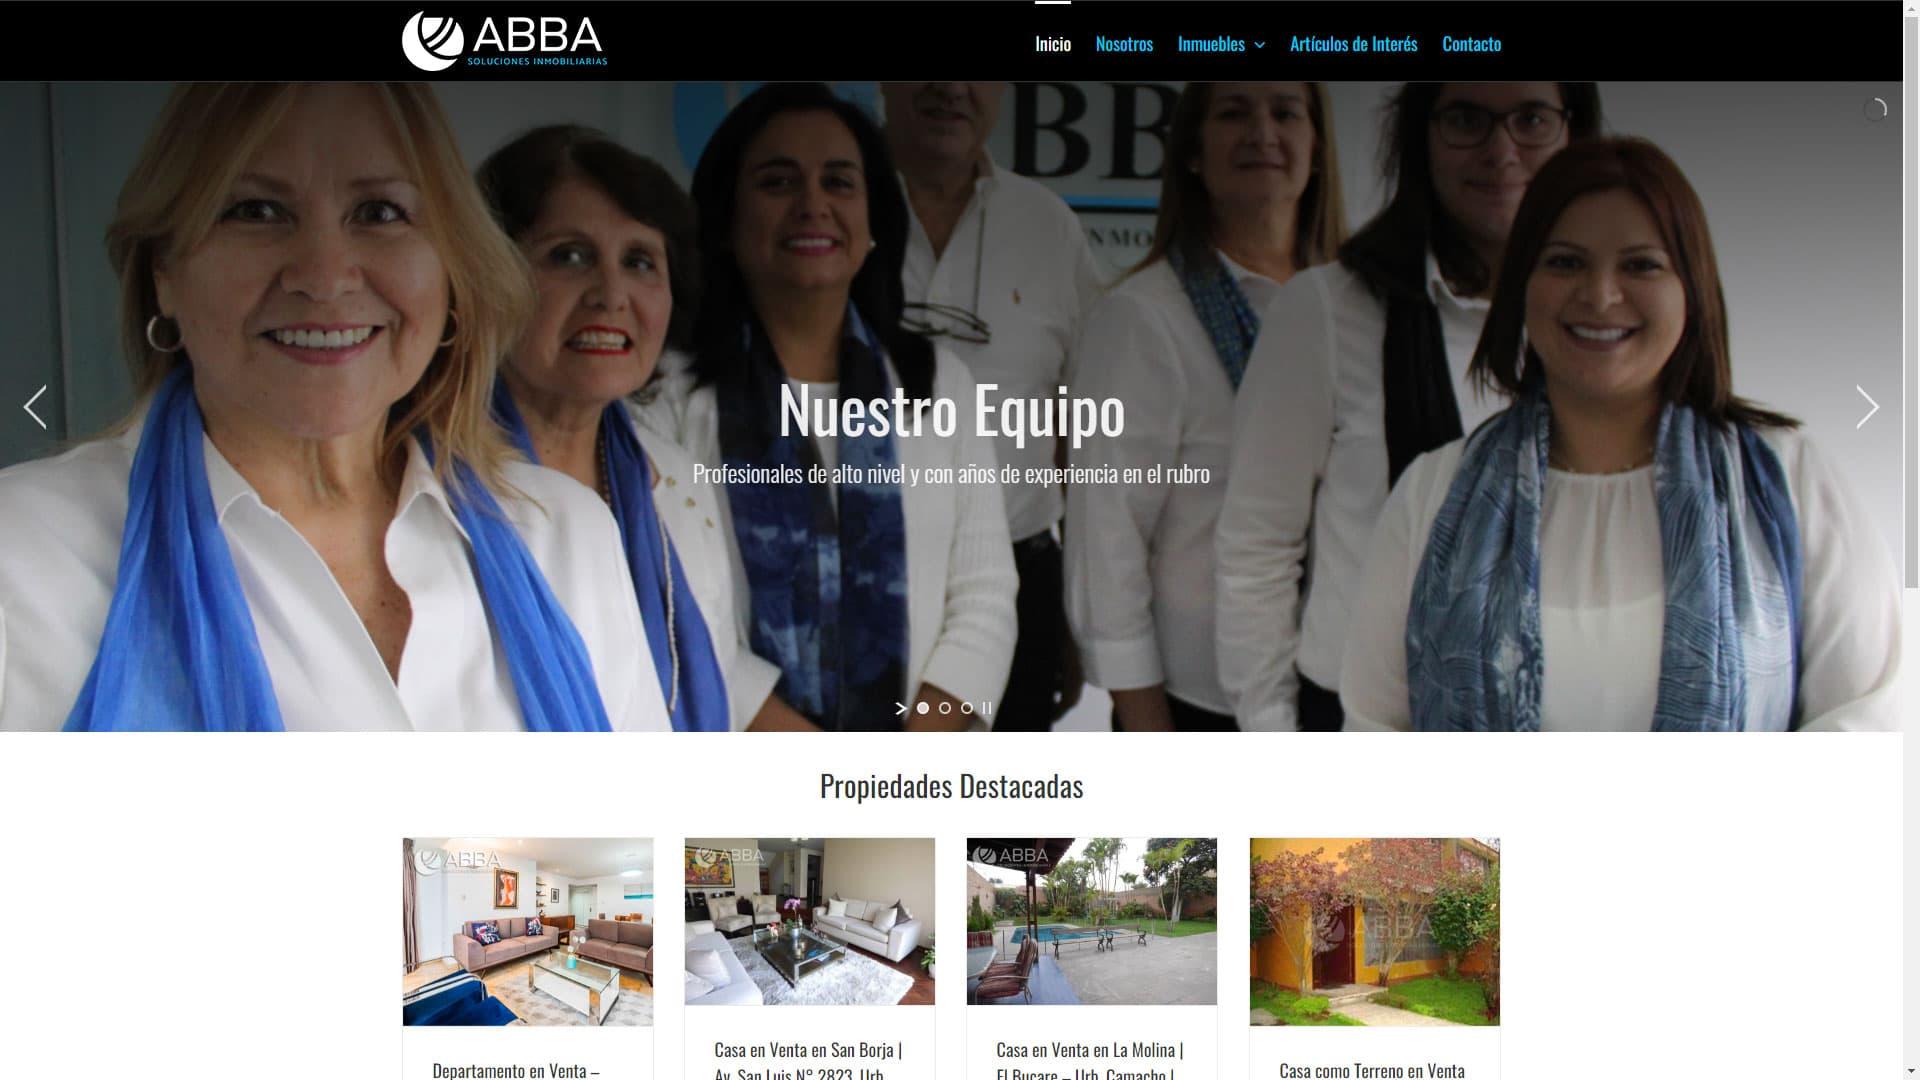 Captura de pantalla de la web abbadelperu.com